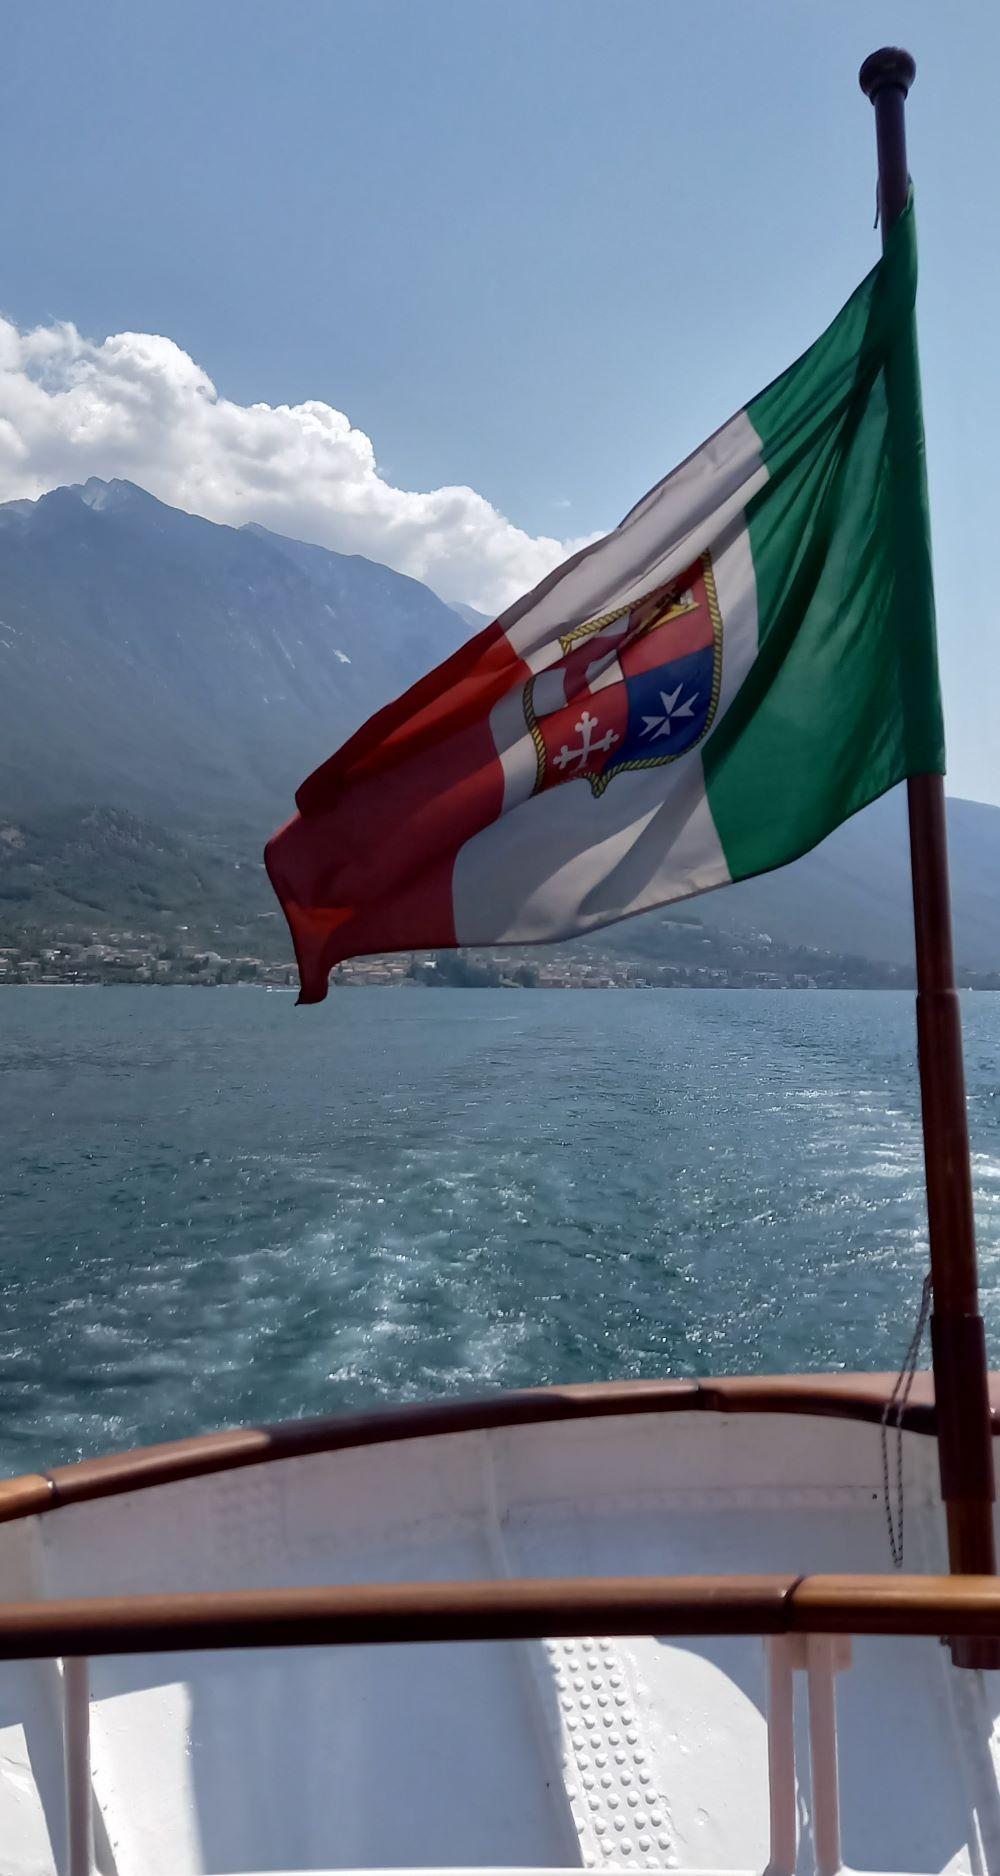 italienische Flagge auf einer Fähre